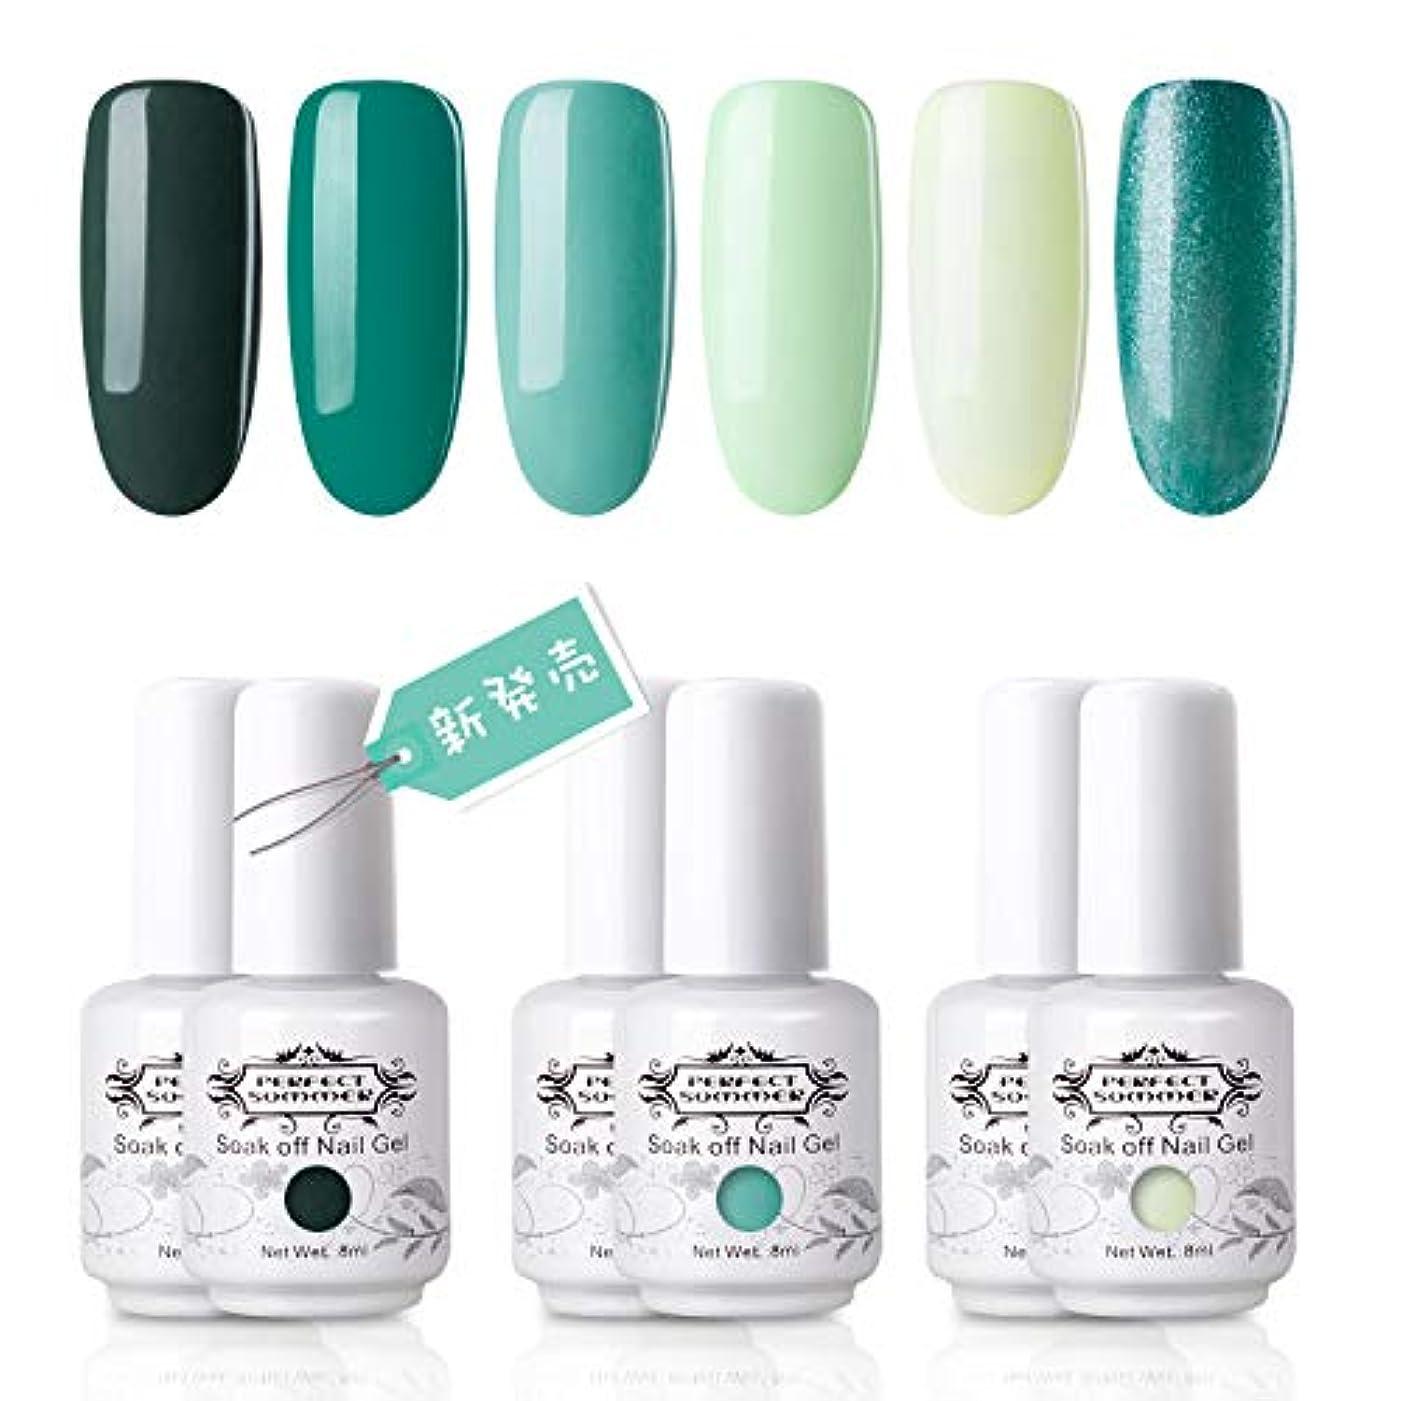 保証運命裏切り者[Perfect Summer] ジェルネイル カラージェル 6色セット ポリッシュタイプ 新発売 UV/LED対応 グリーン ラメ